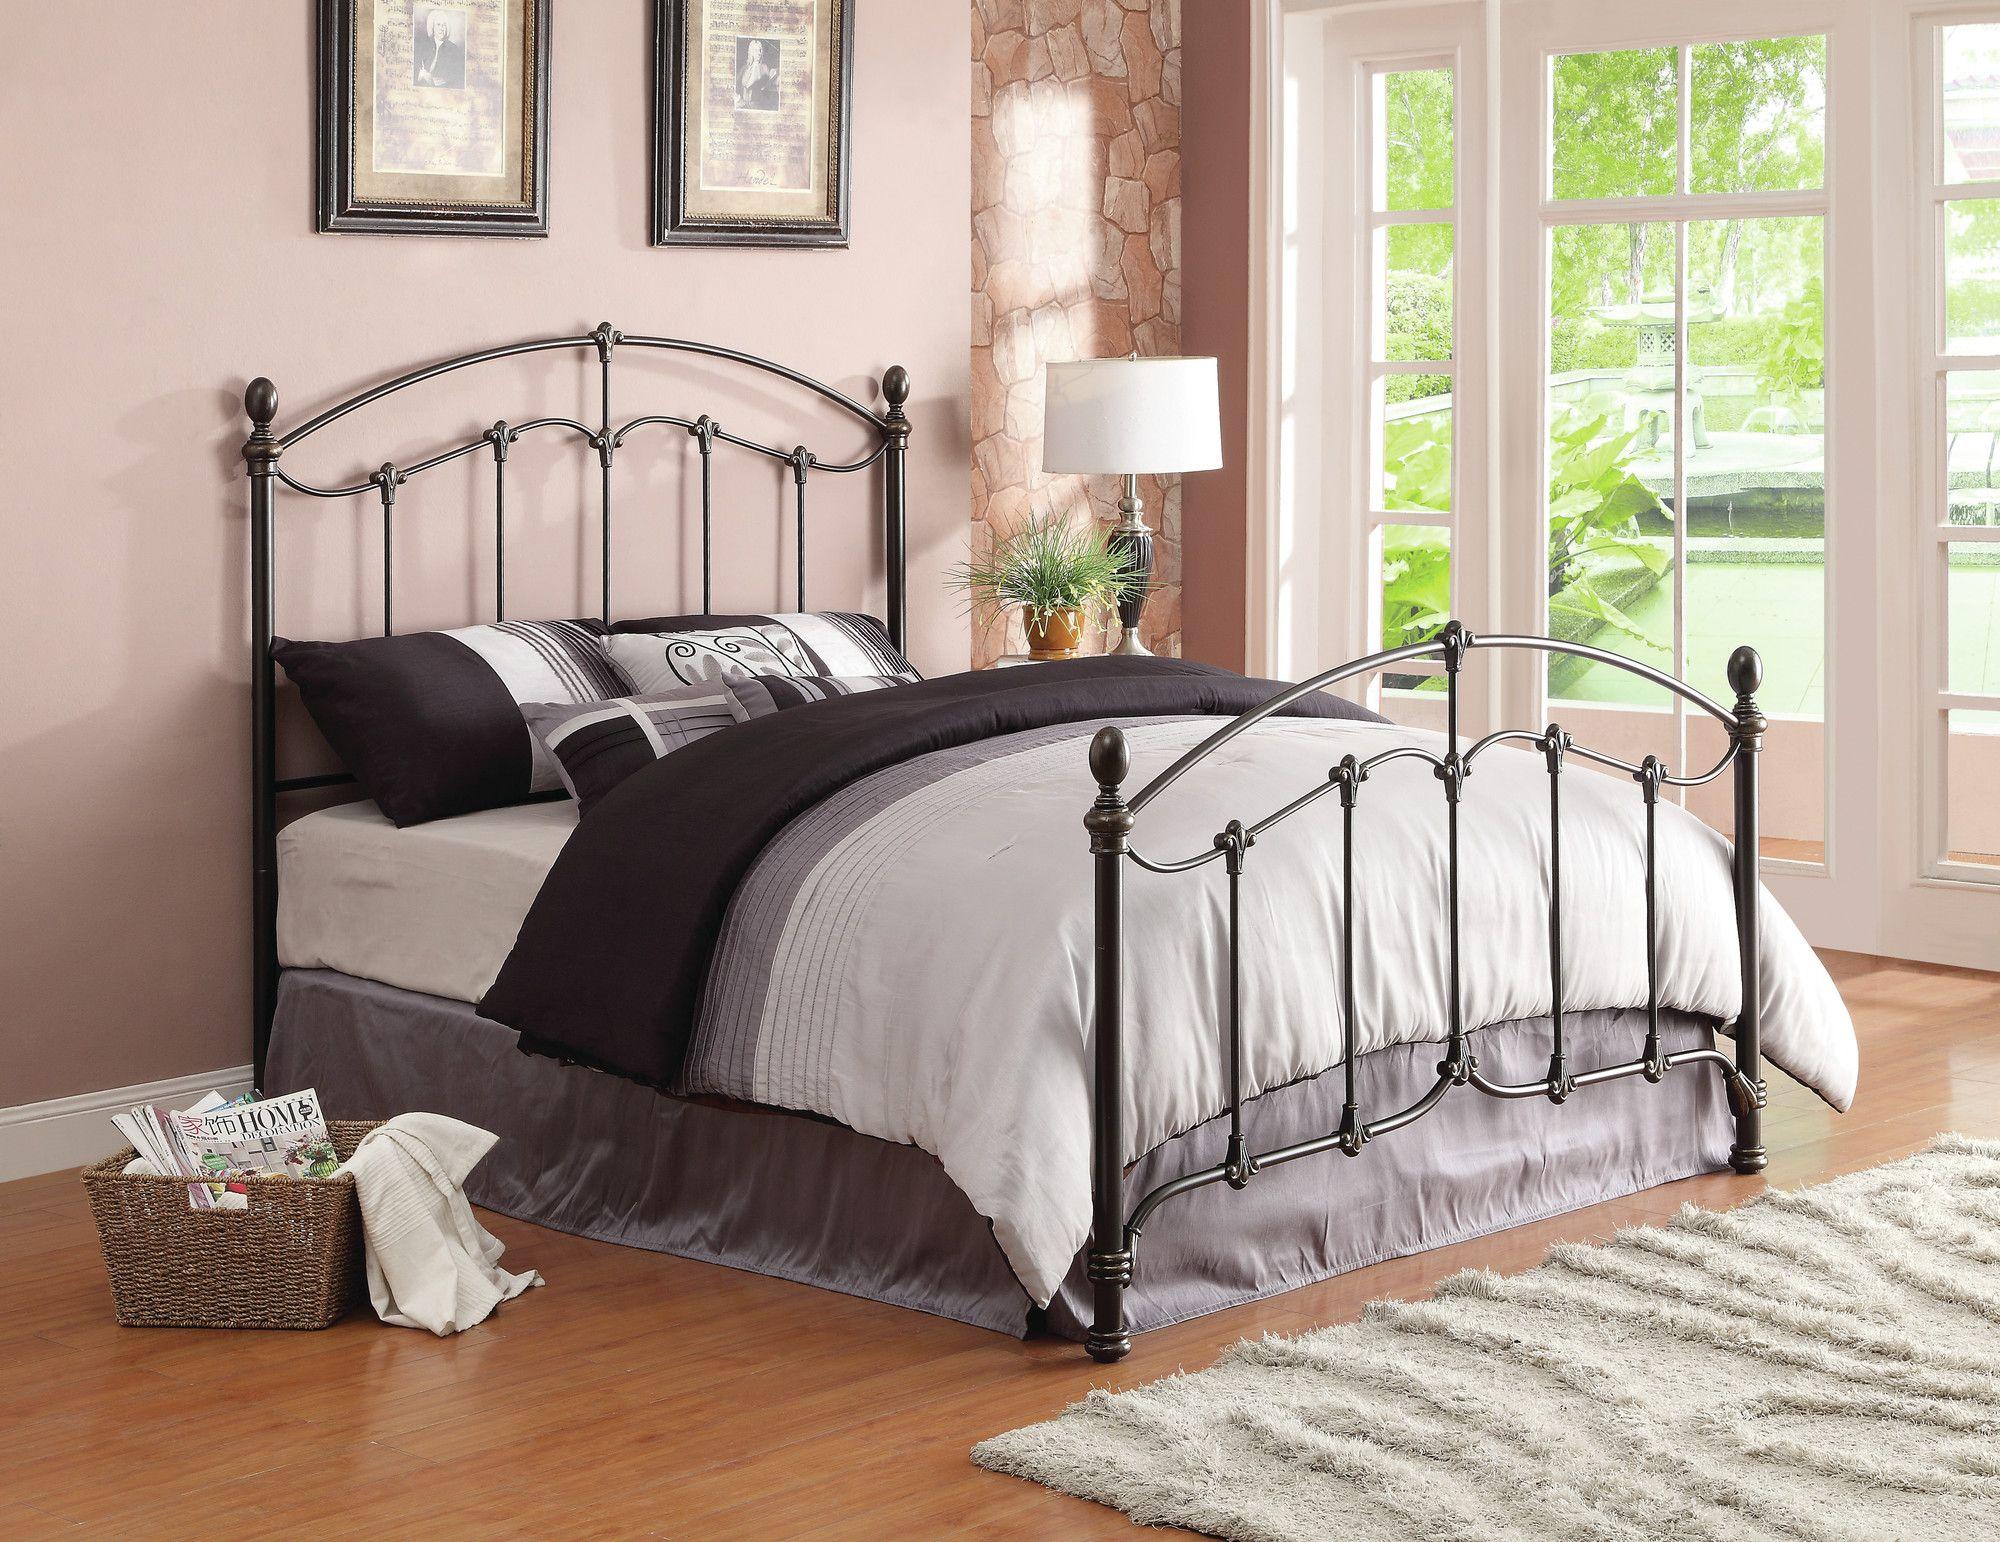 Wayfair Queen Bed Platform Wayfair Canada Queen Bed Frame: Queen Metal Bed